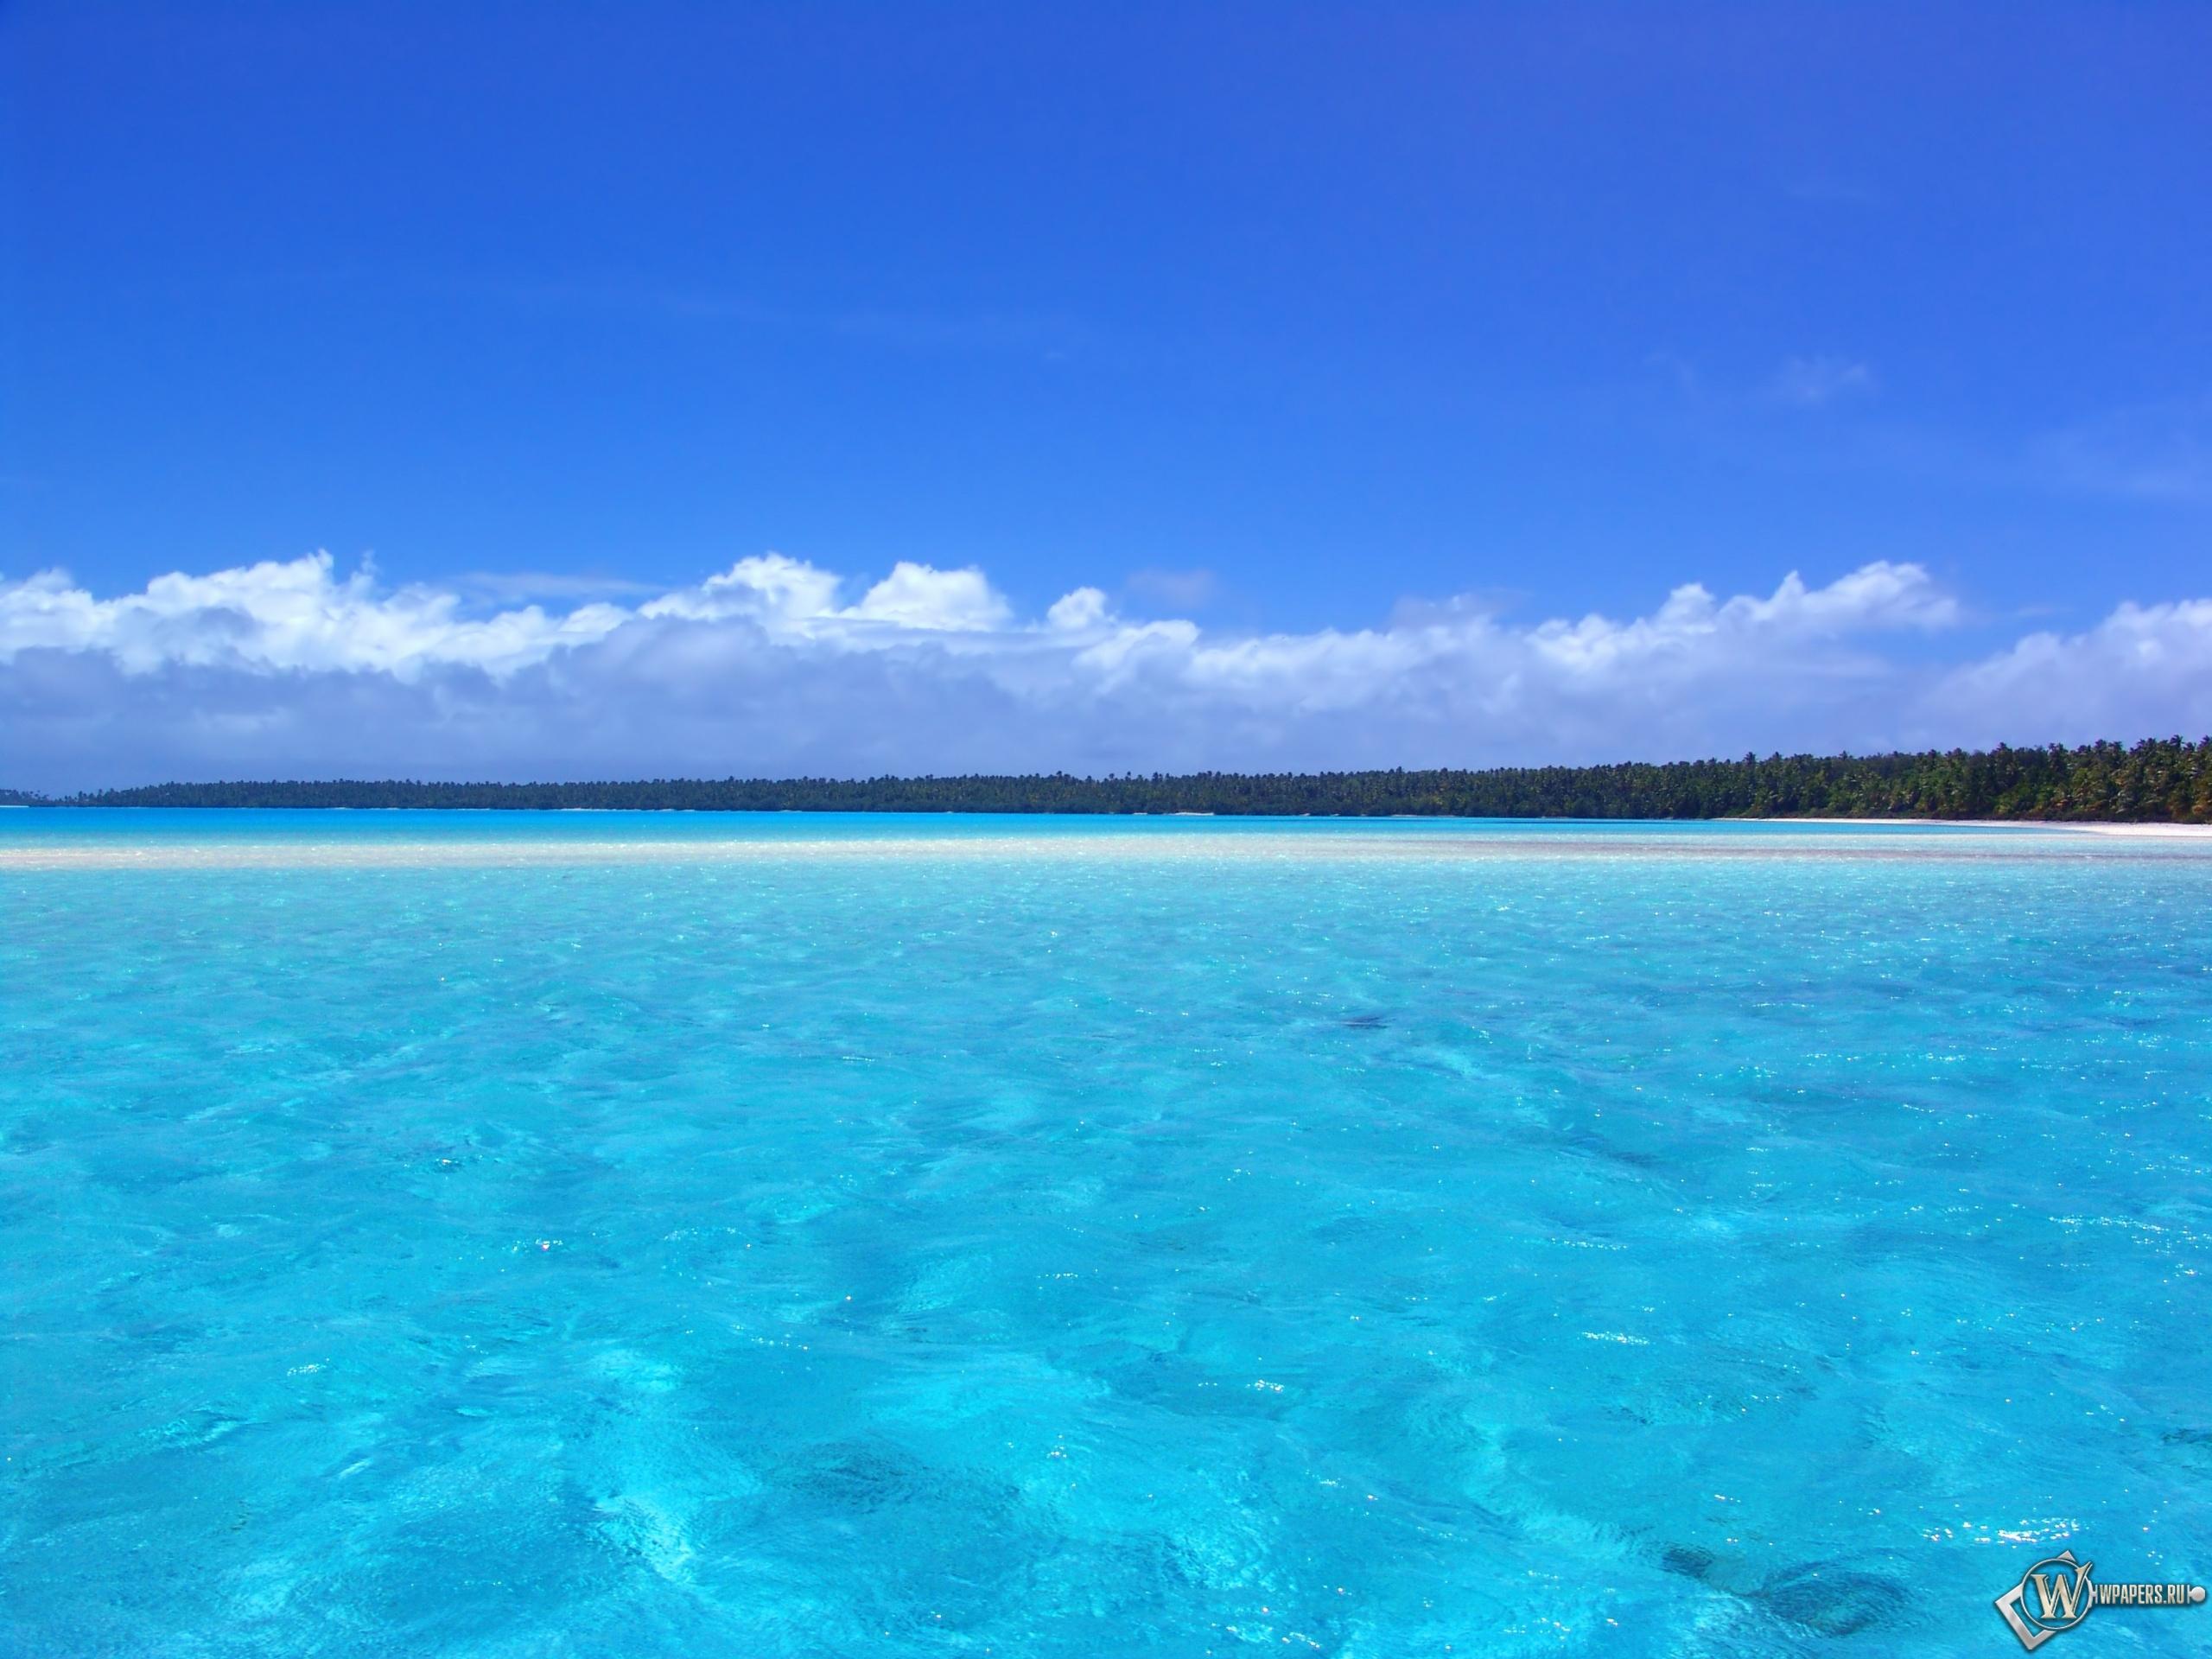 Голубой океан 2560x1920